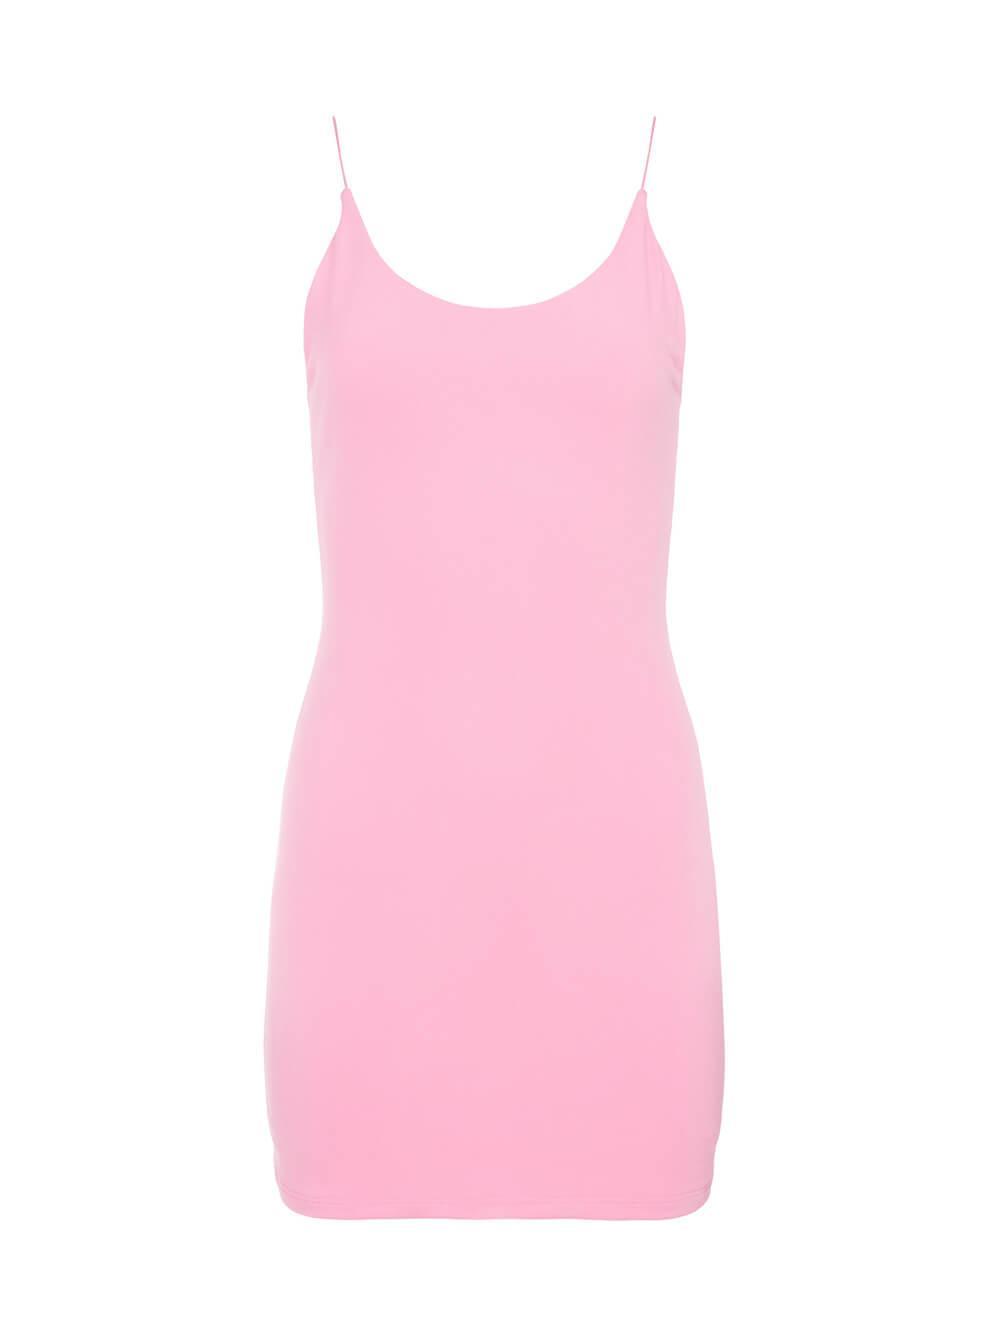 Delora Mini Dress Item # CC102W51521